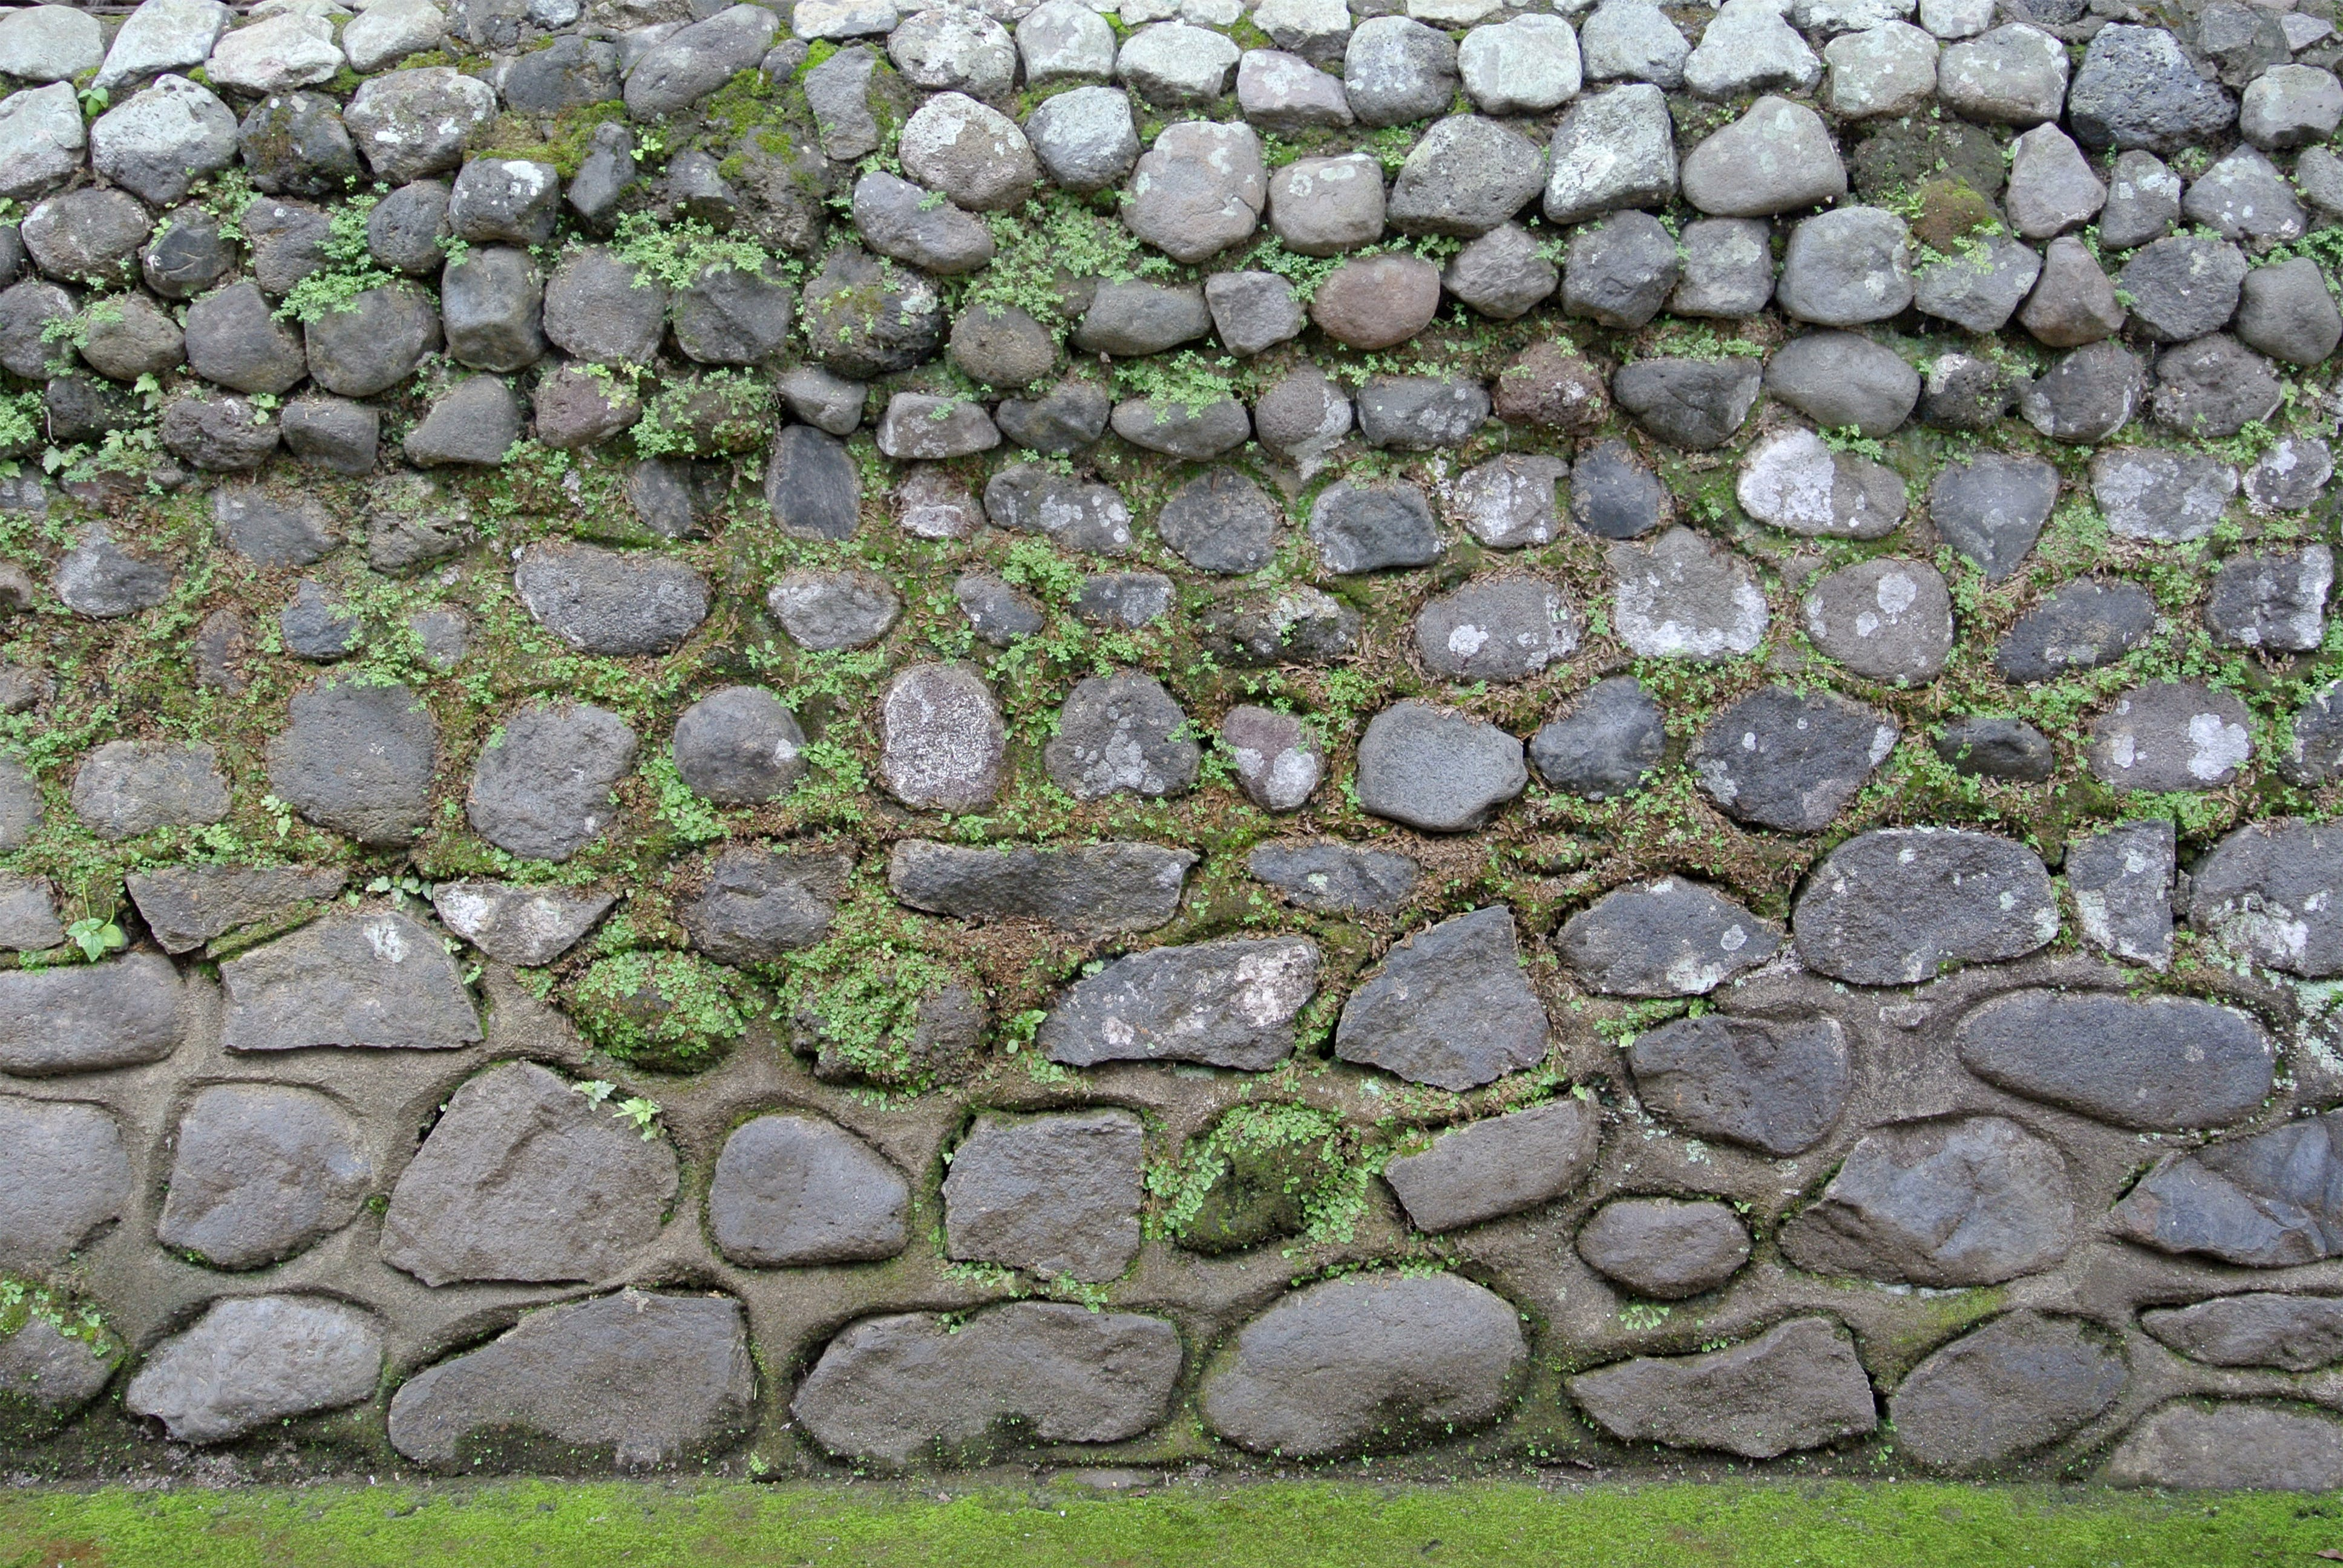 Gratis stockfoto met Bali, Balinees, bemoste muur, Bemoste rotsen